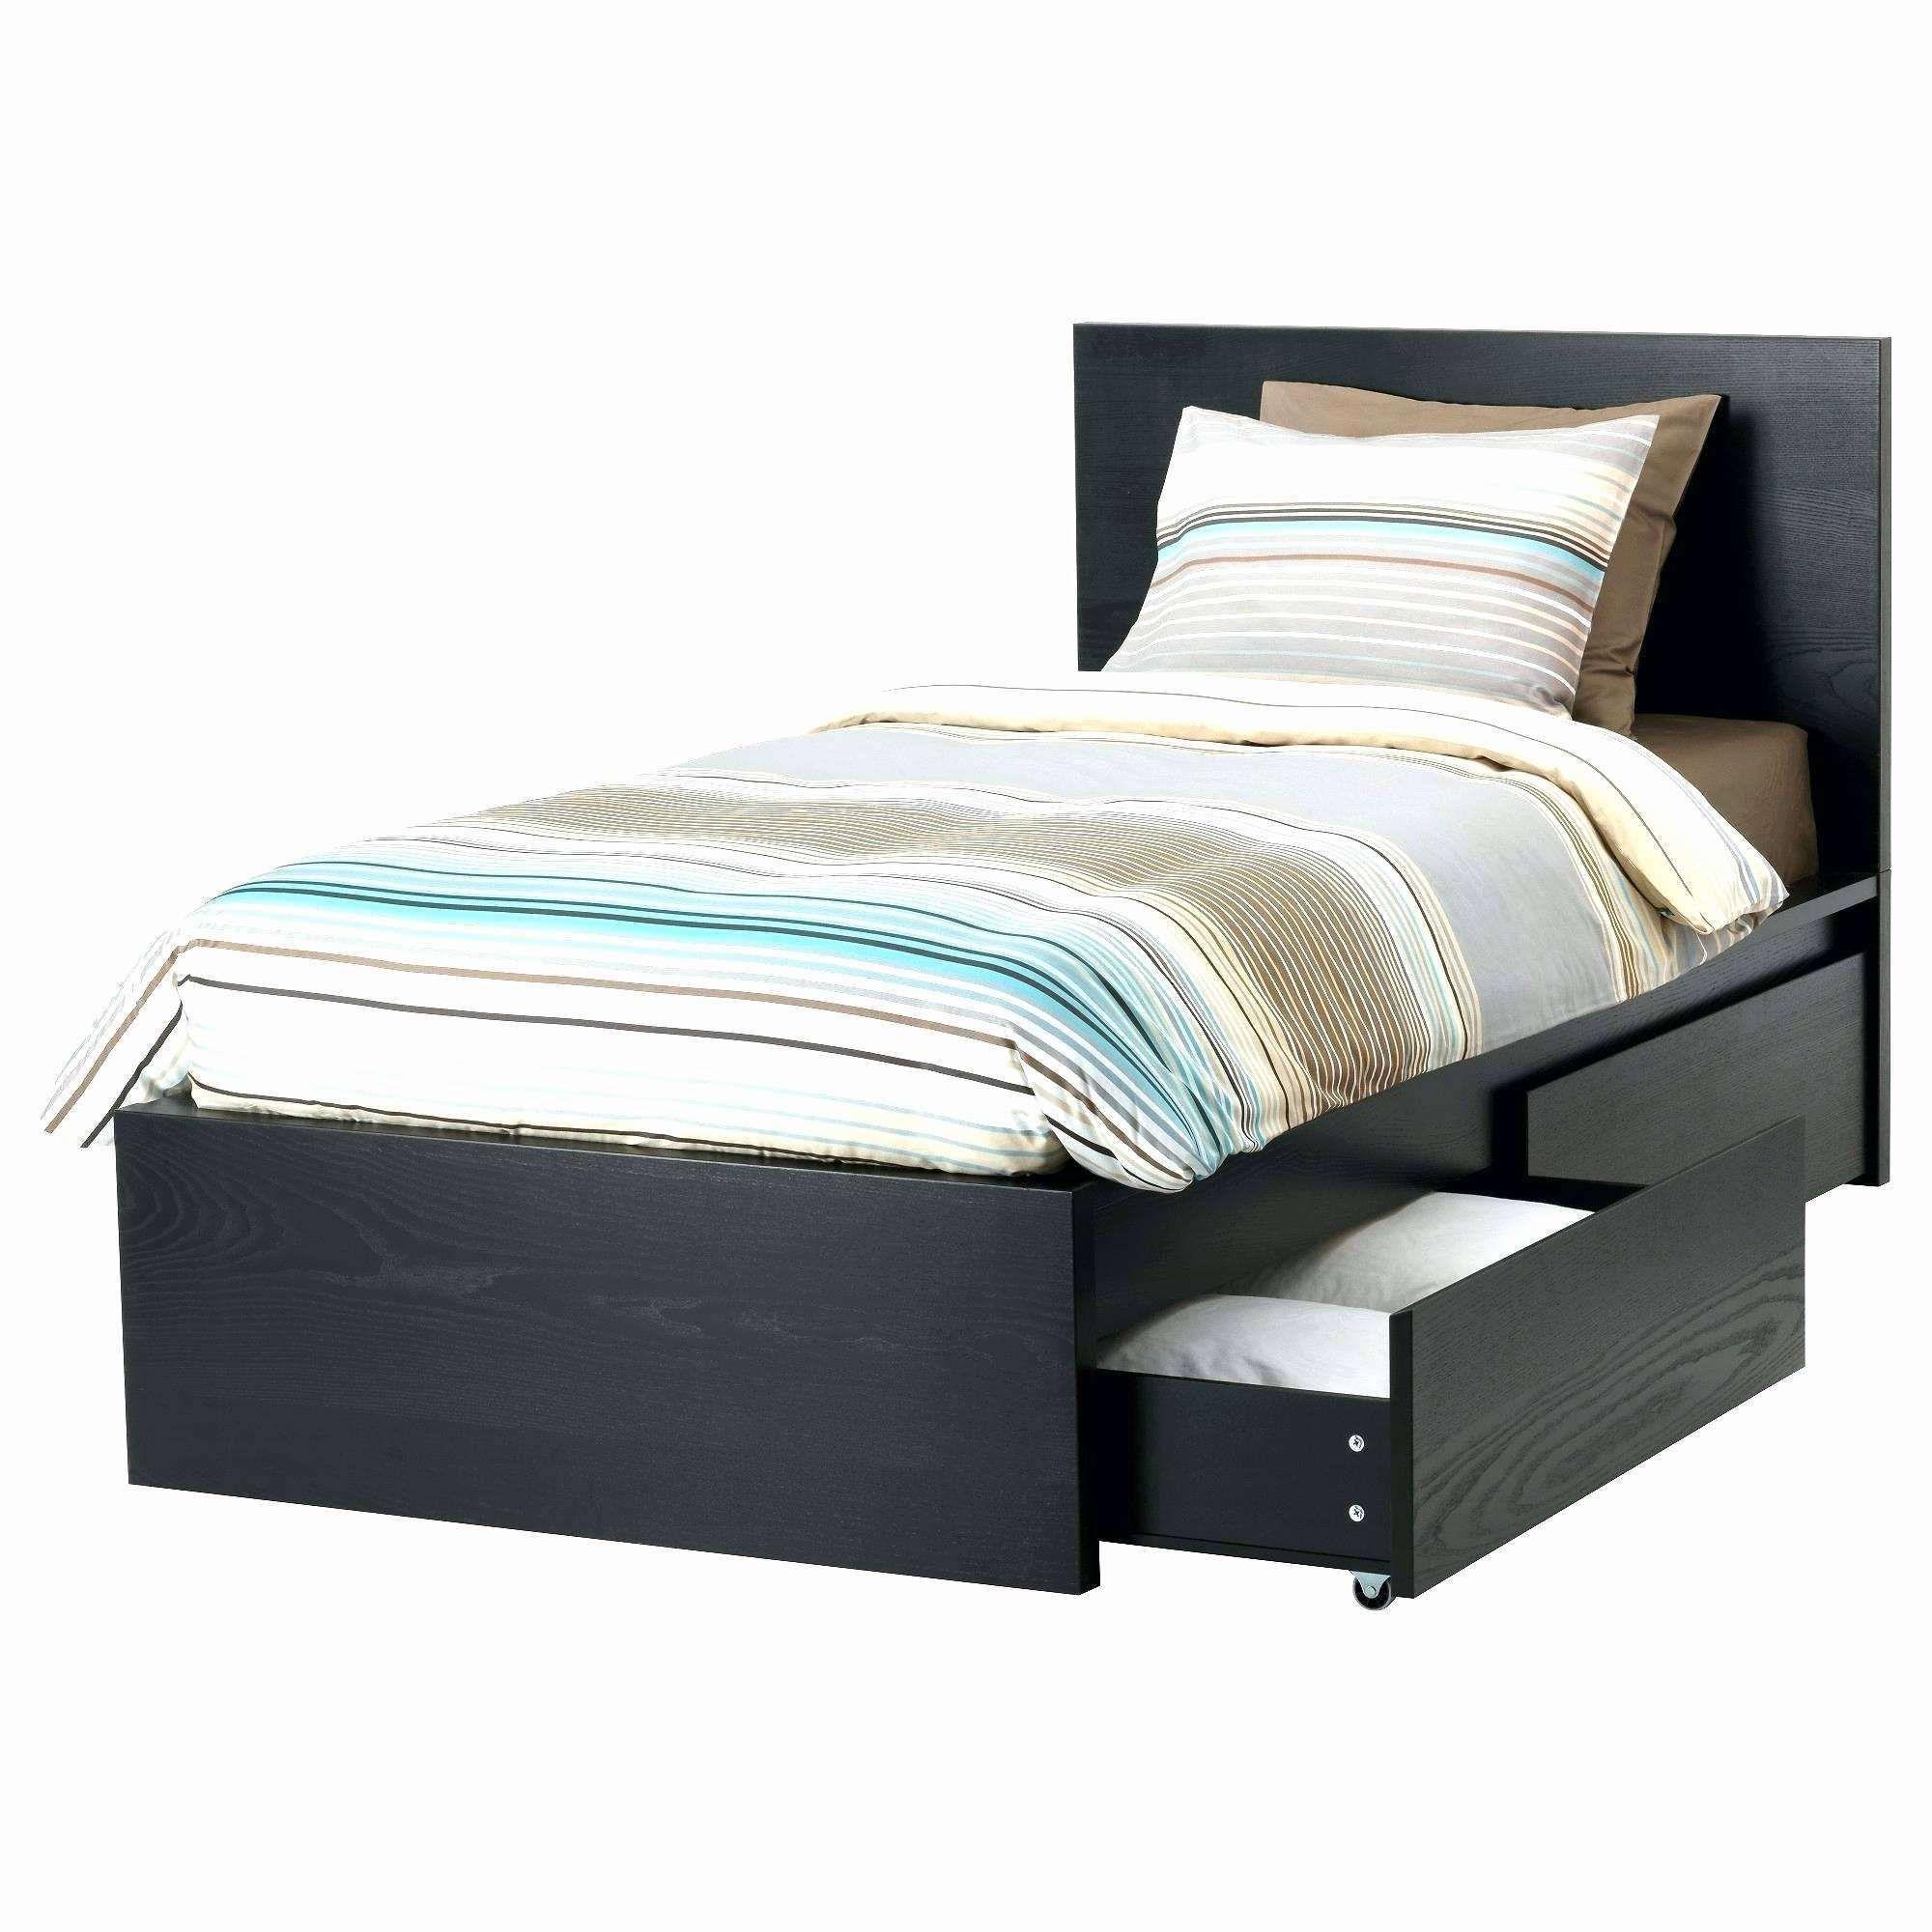 Metall Bettgestell 180x200 Bett Mit Bettkasten 180 200 Einzigartig